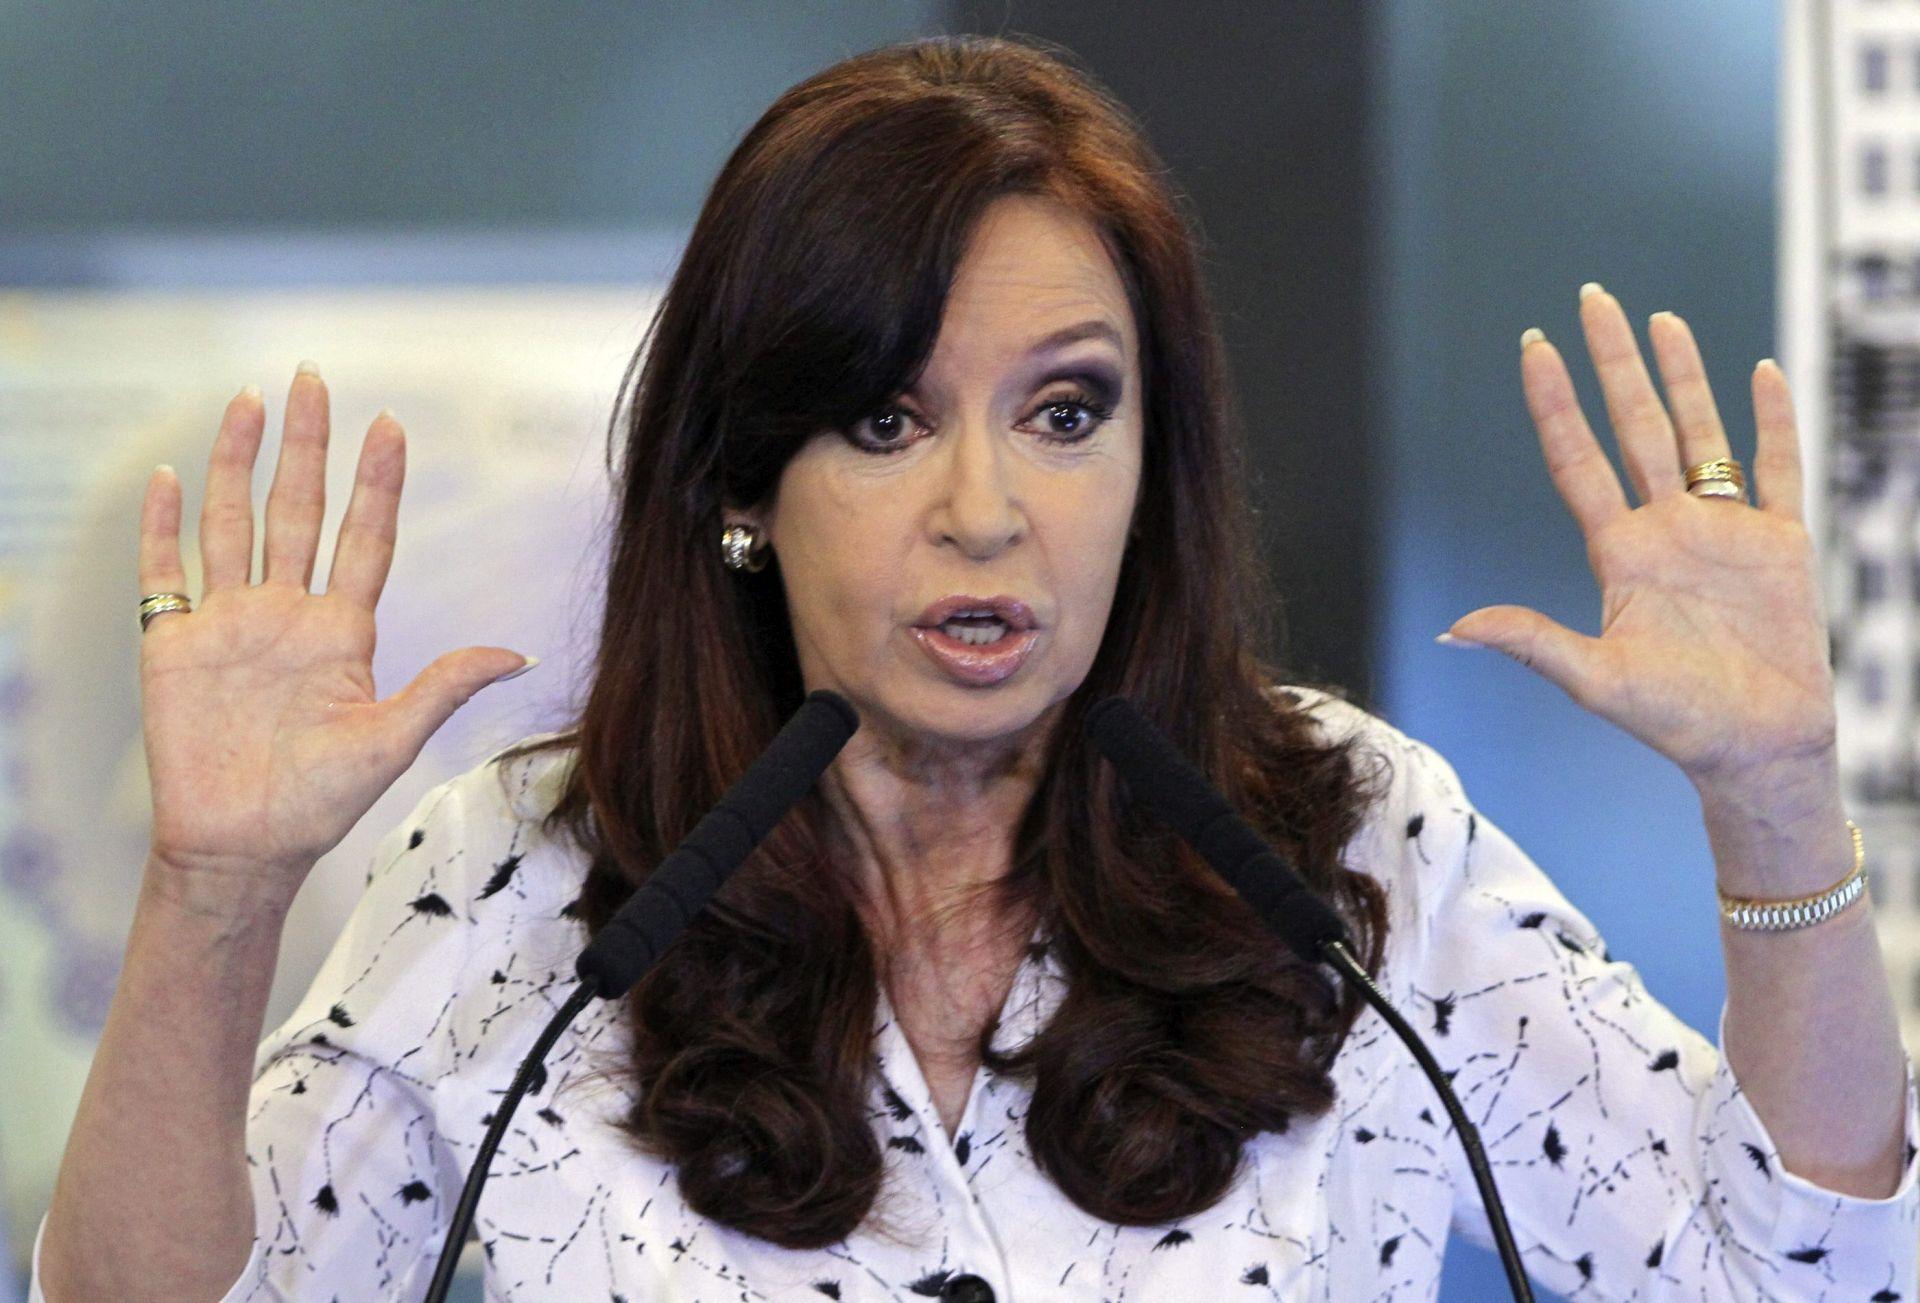 KORUPCIJA Potvrđena optužnica protiv bivše argentinske predsjednice